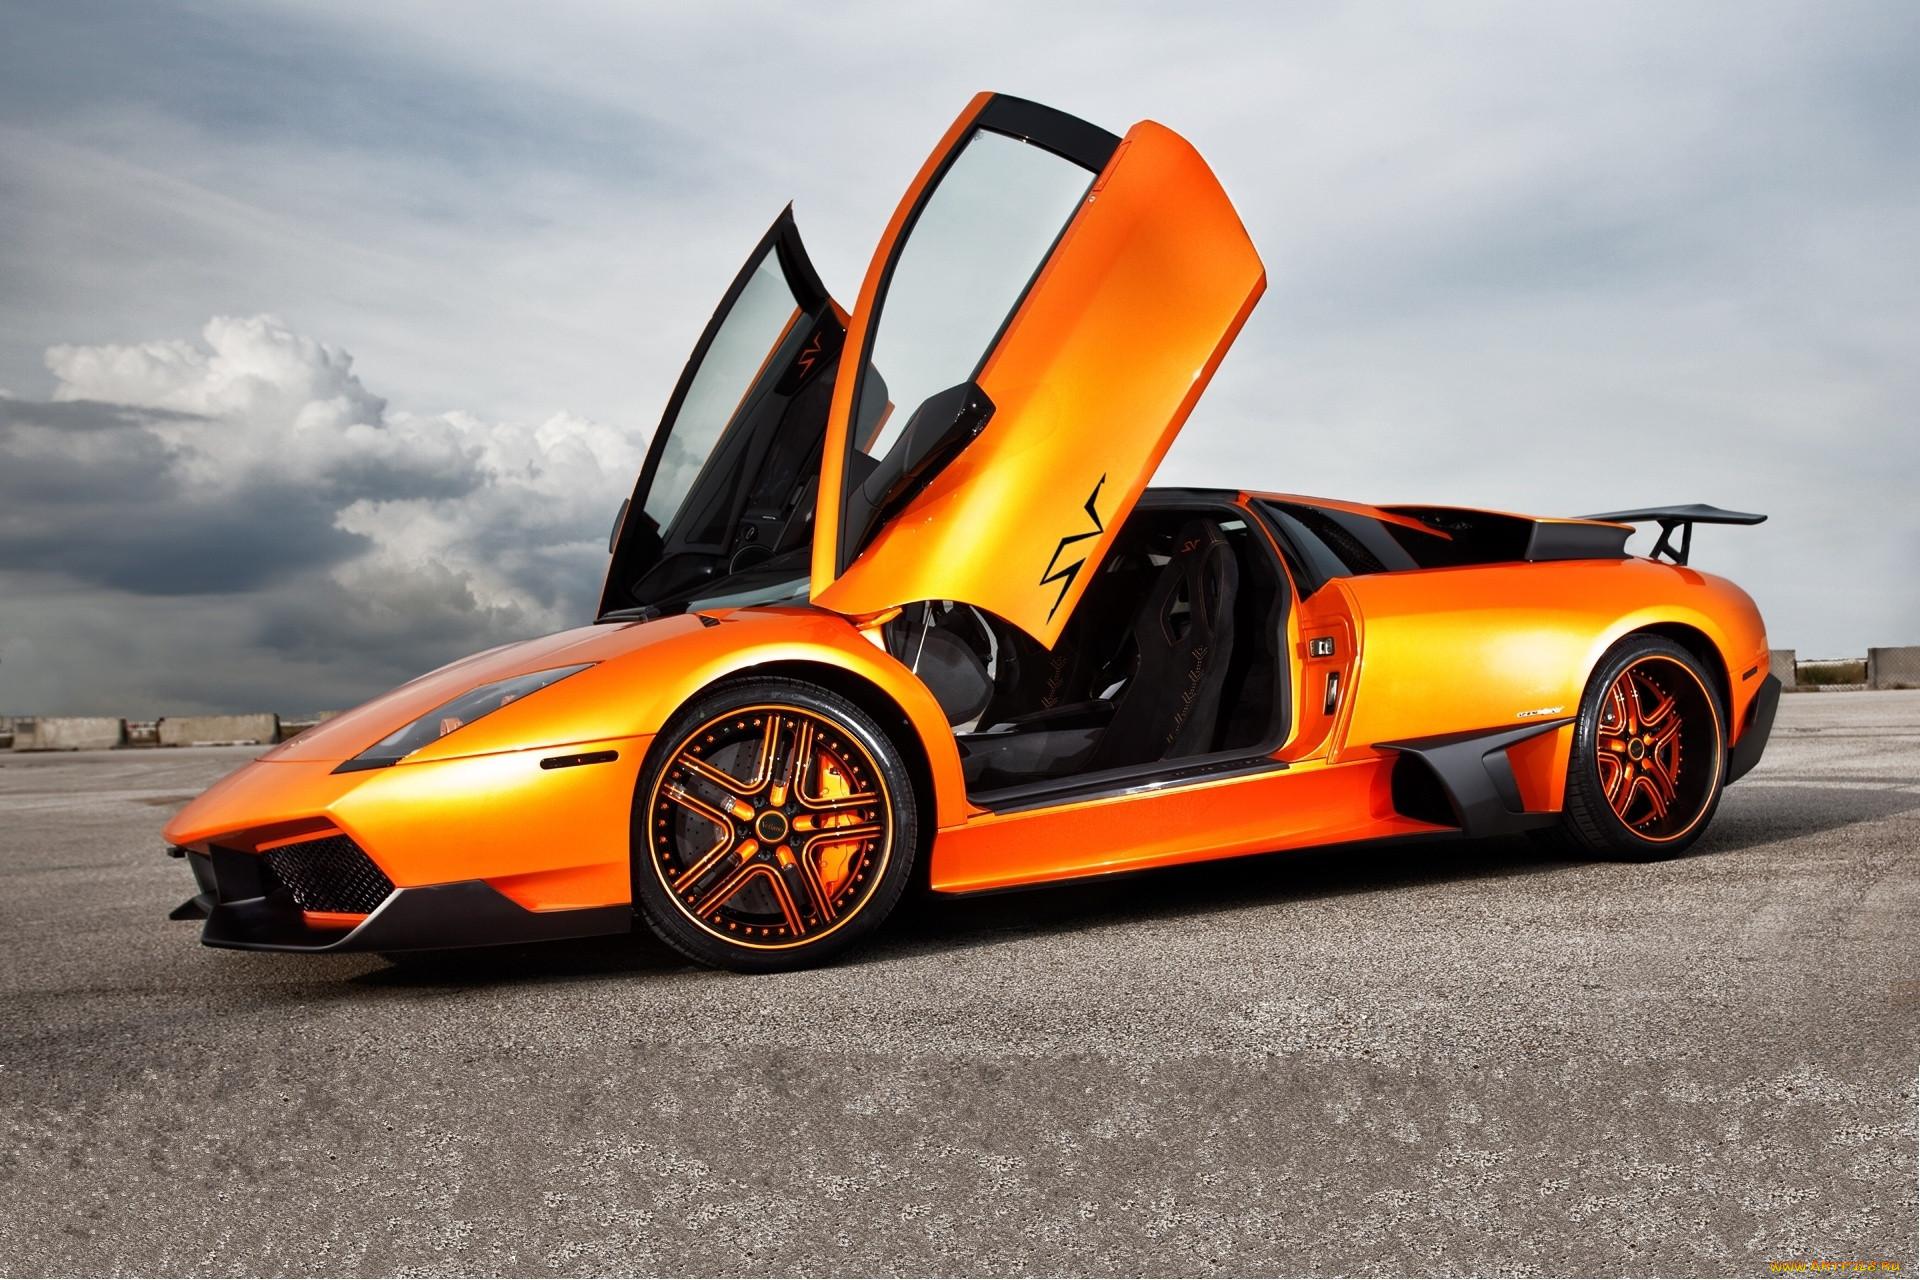 тех красивые картинки с автомобилями спортивными настоящее время